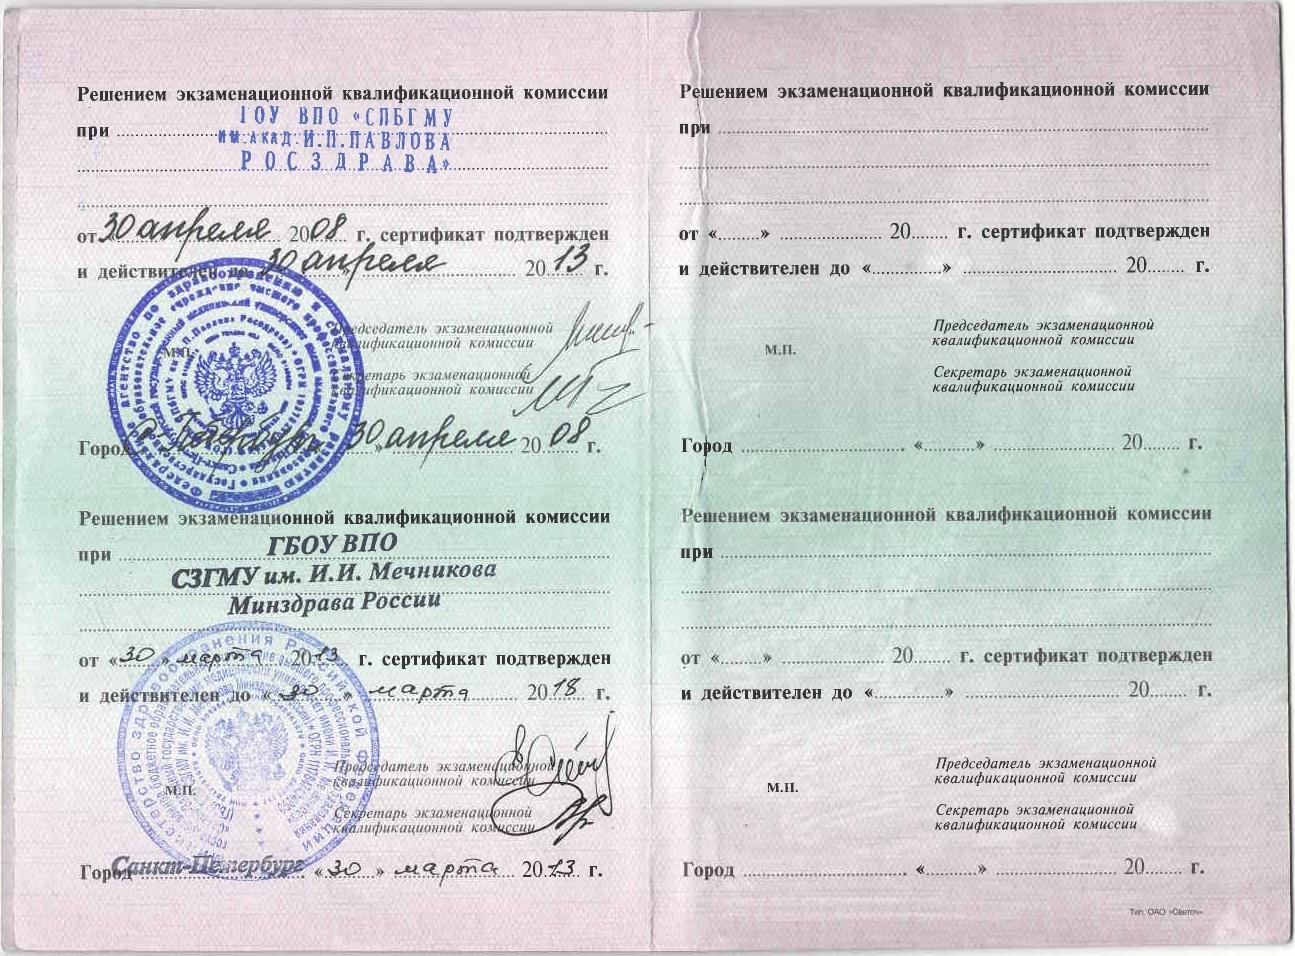 sertifikat-2-2